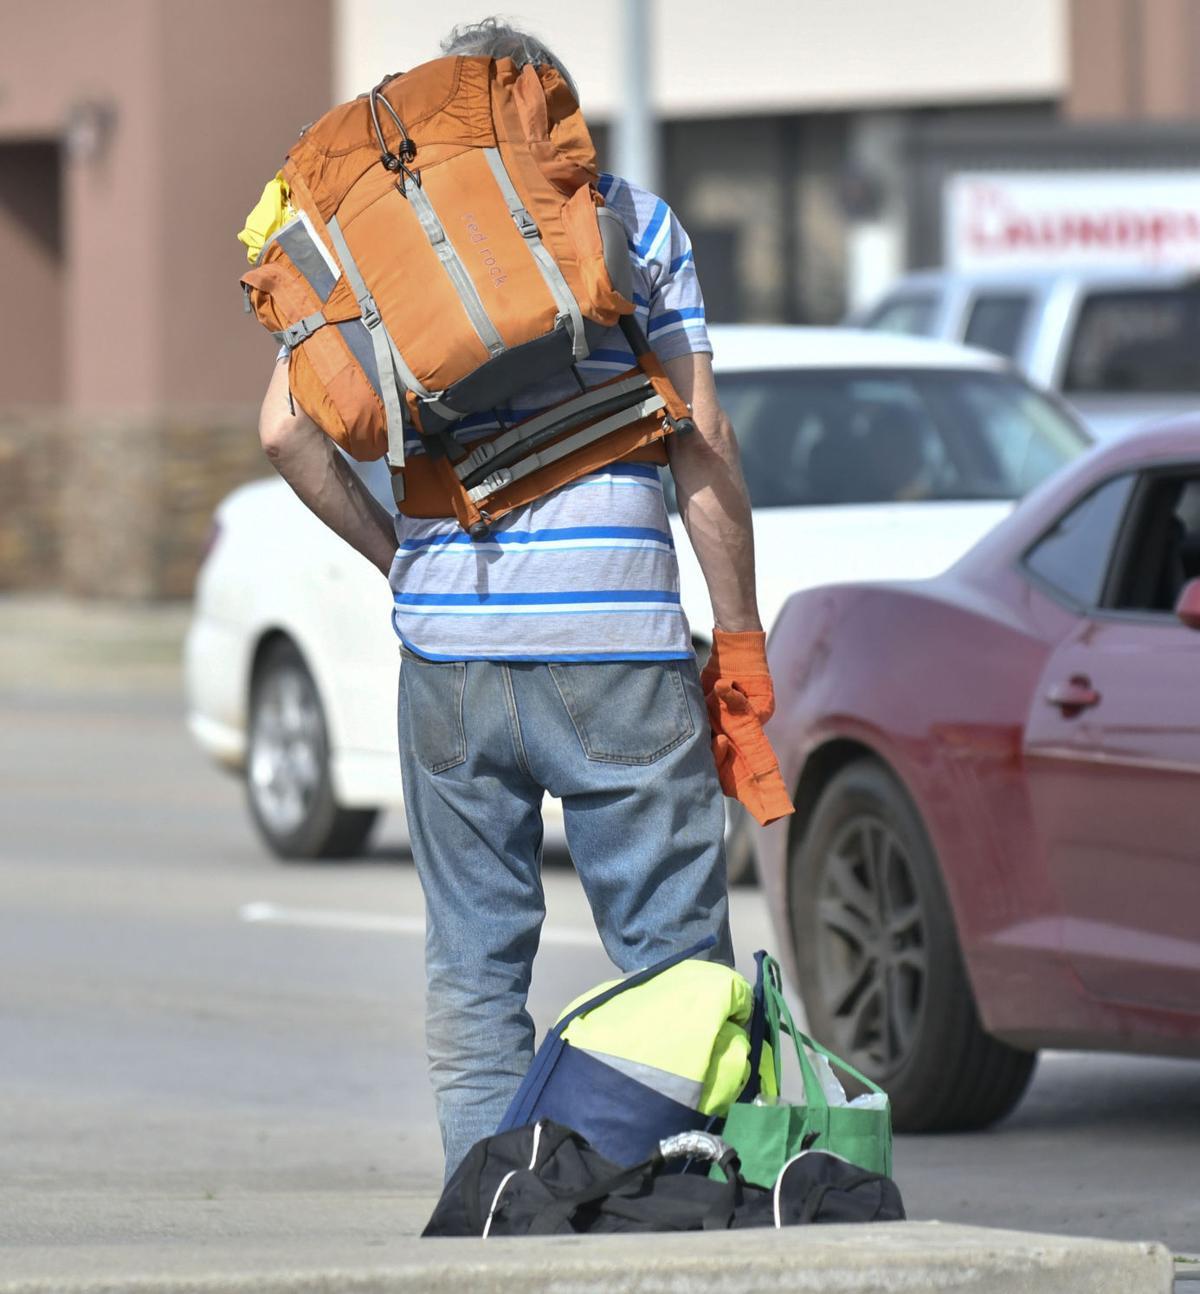 031017 SM homeless 02.jpg